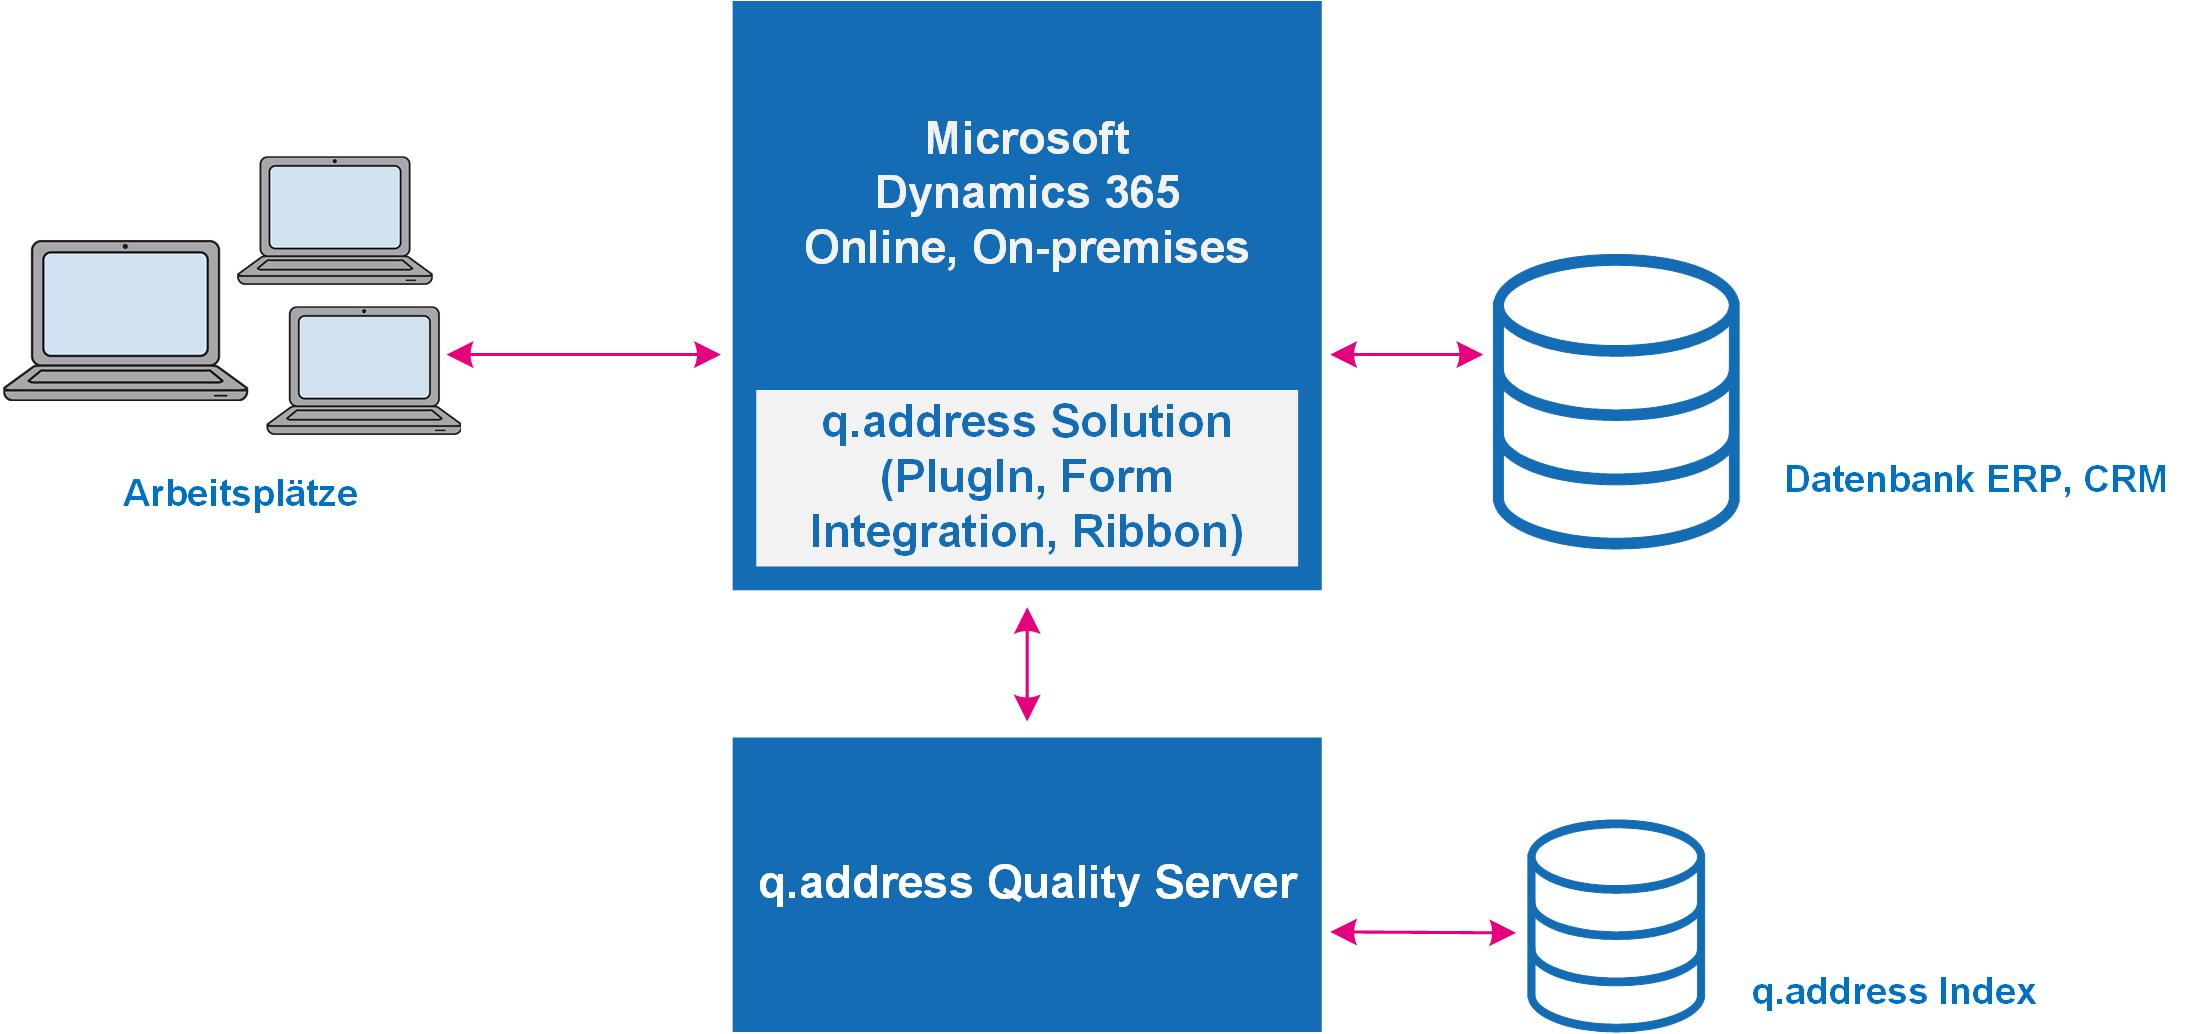 qaddress-Quality-Server-Dynamics365